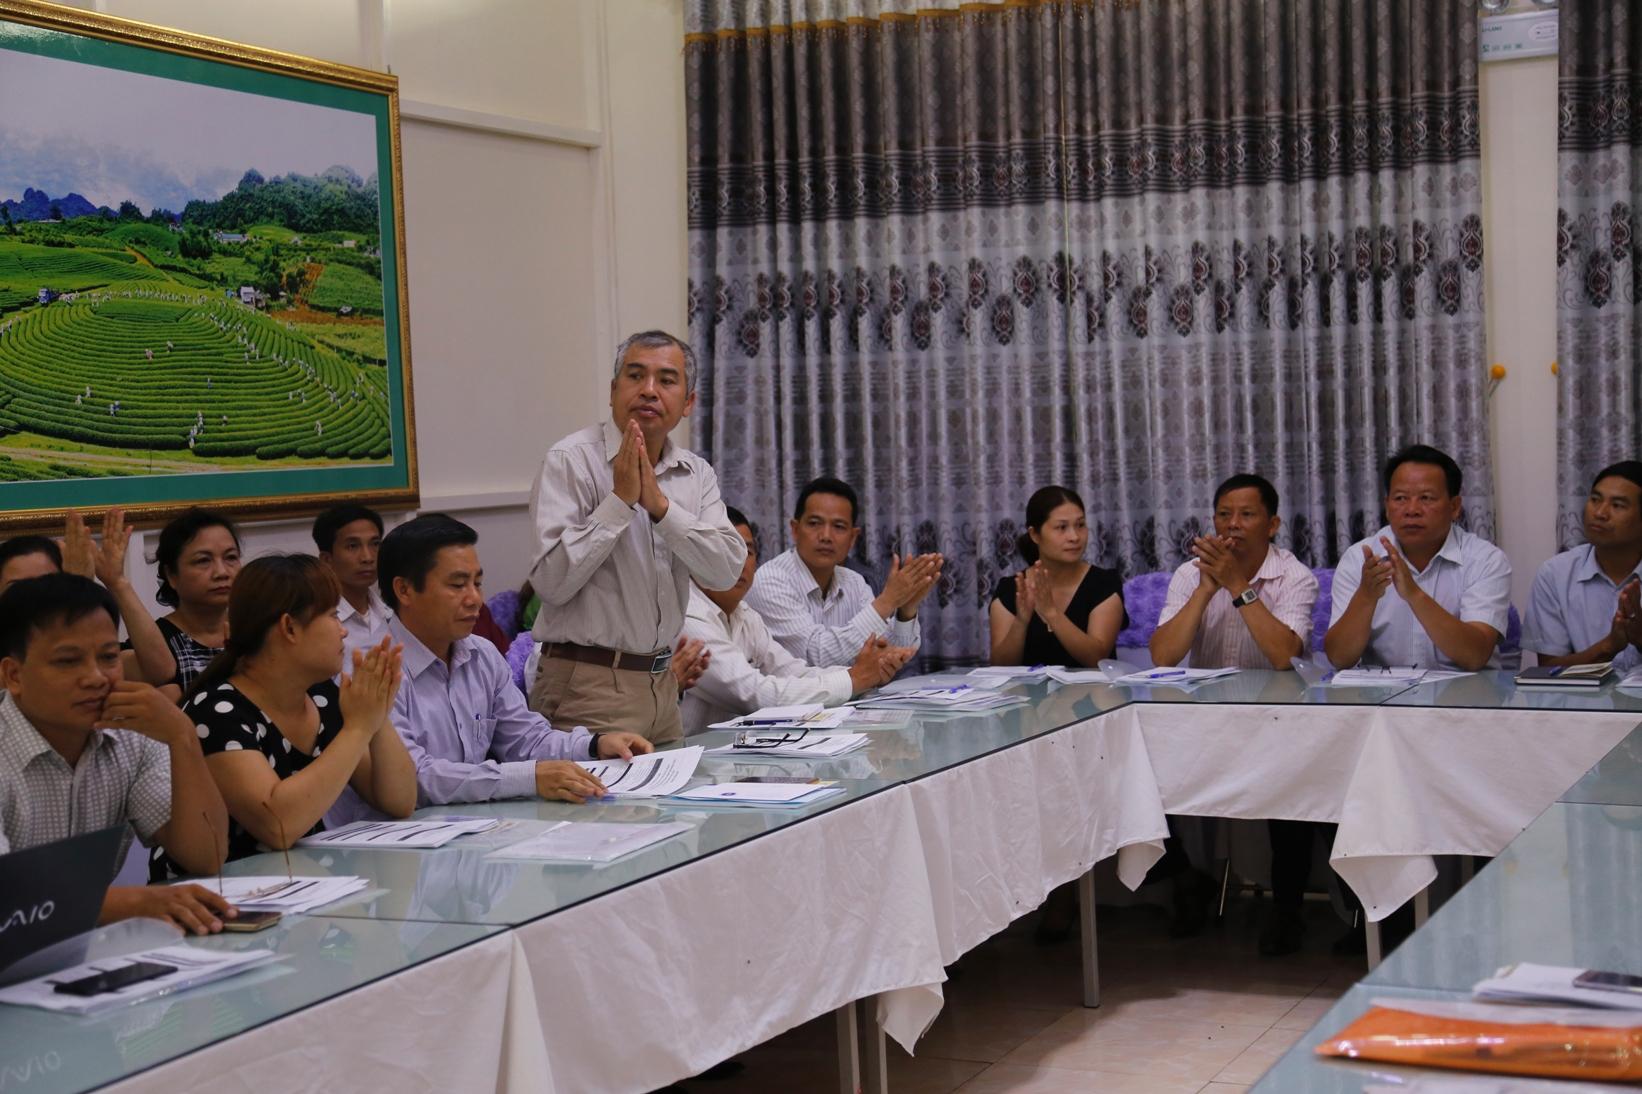 Hội thảo khởi động dự án Nâng cao hệ thống y tế và cải thiện dinh dưỡng tại tỉnh Sơn La, Việt Nam